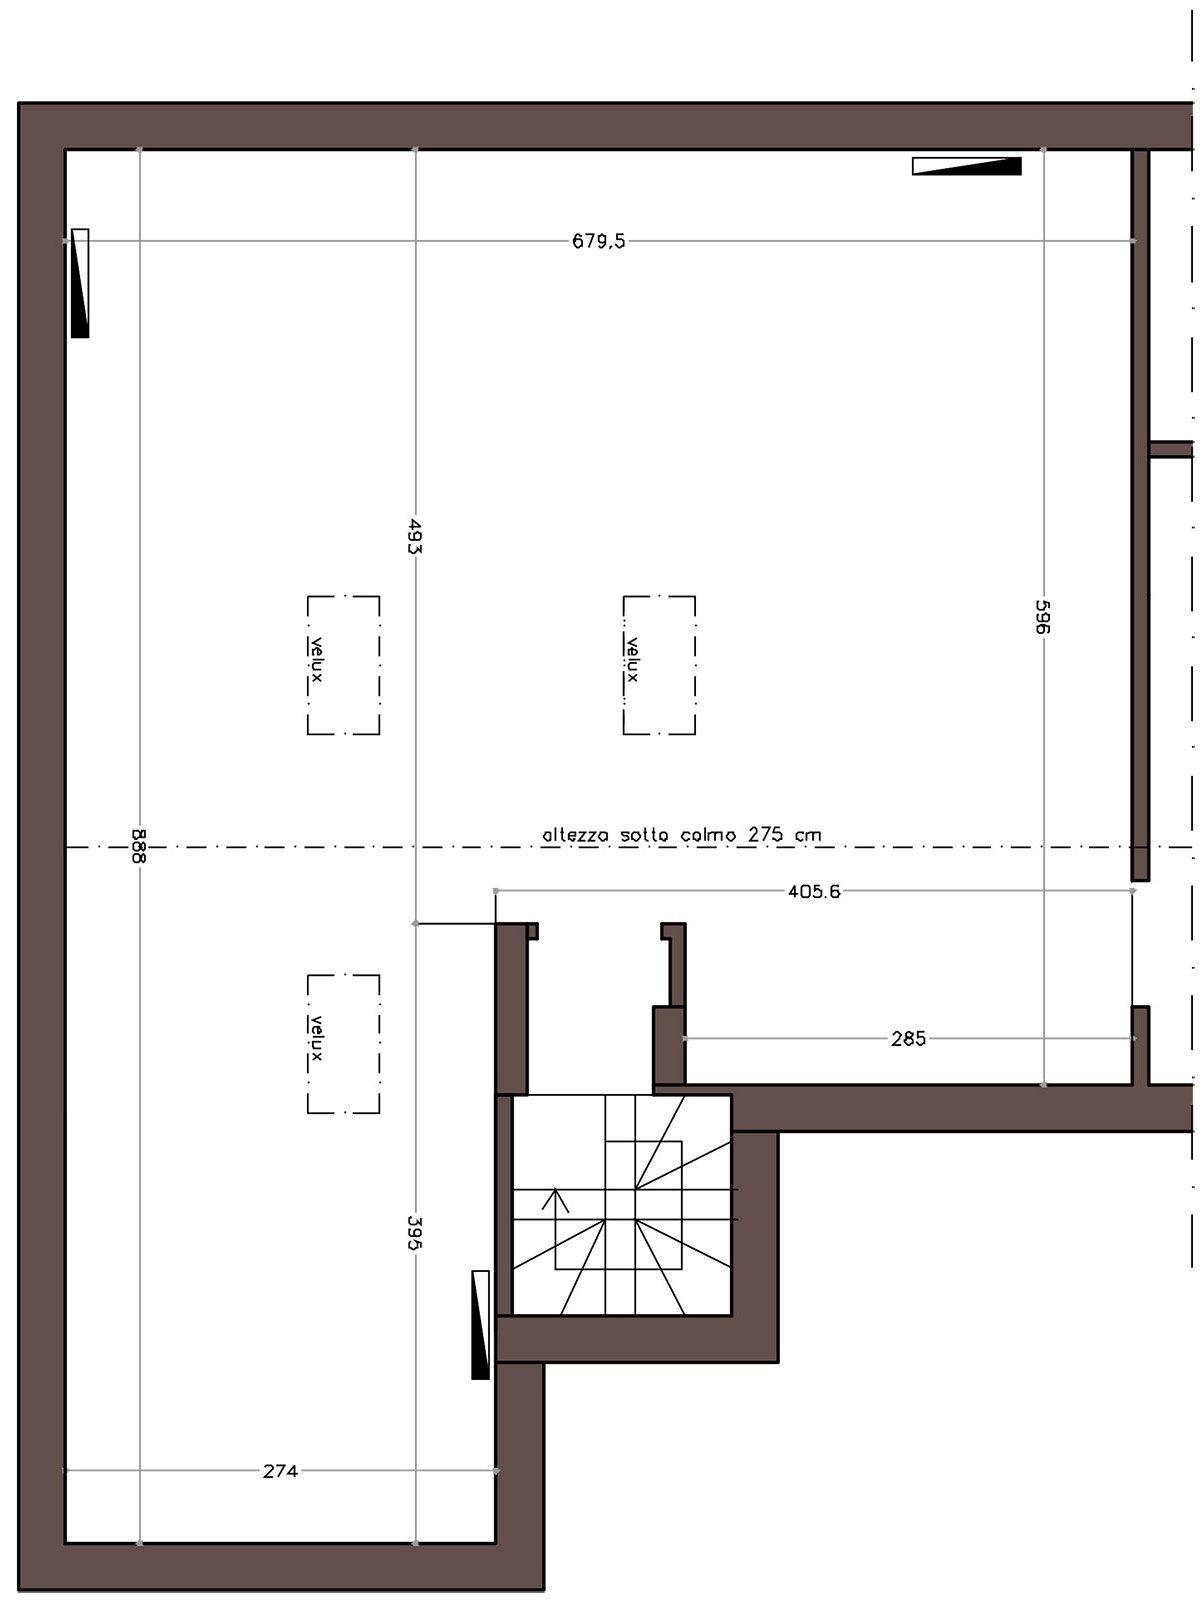 Mobili Lavelli: Come dividere un appartamento di 100 mq